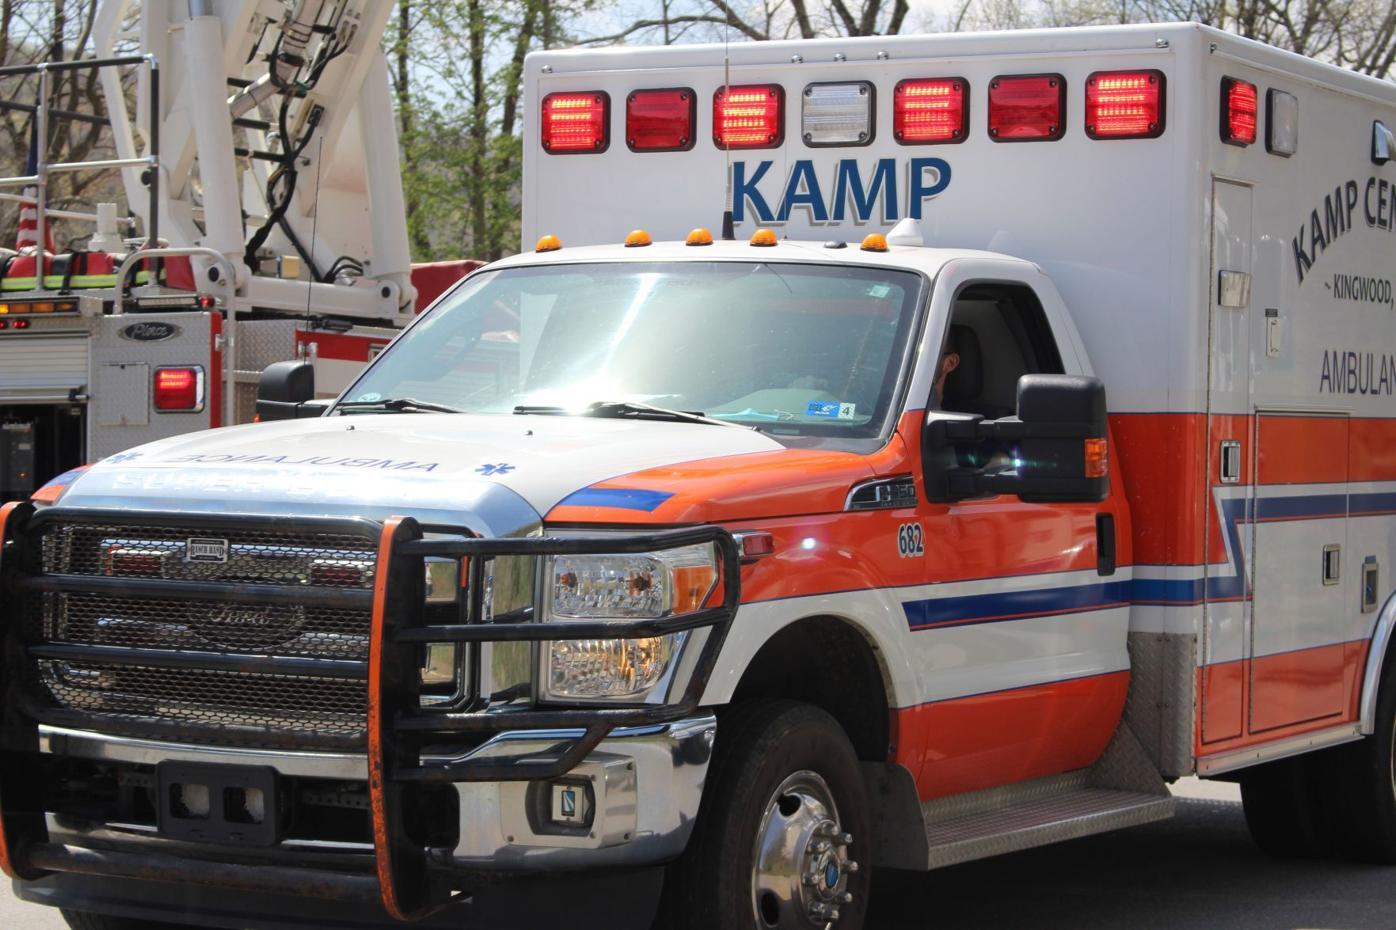 KAMP Ambulance